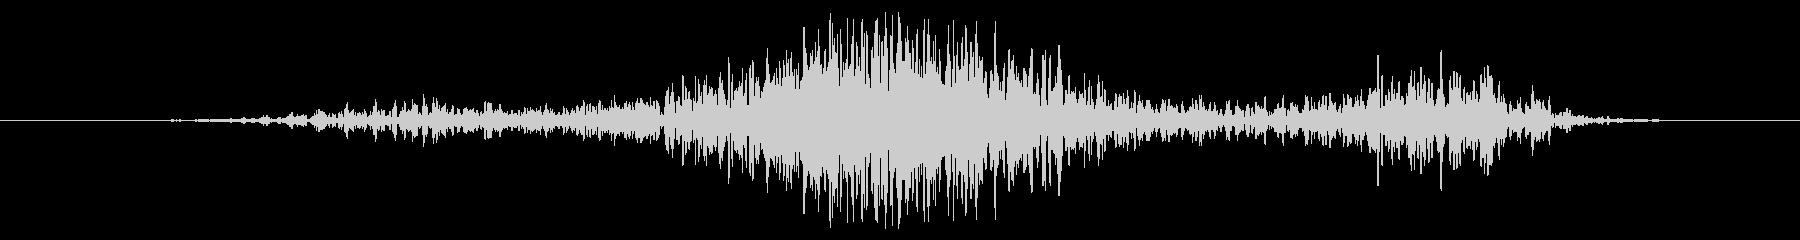 流星ウーッシュバーストの未再生の波形